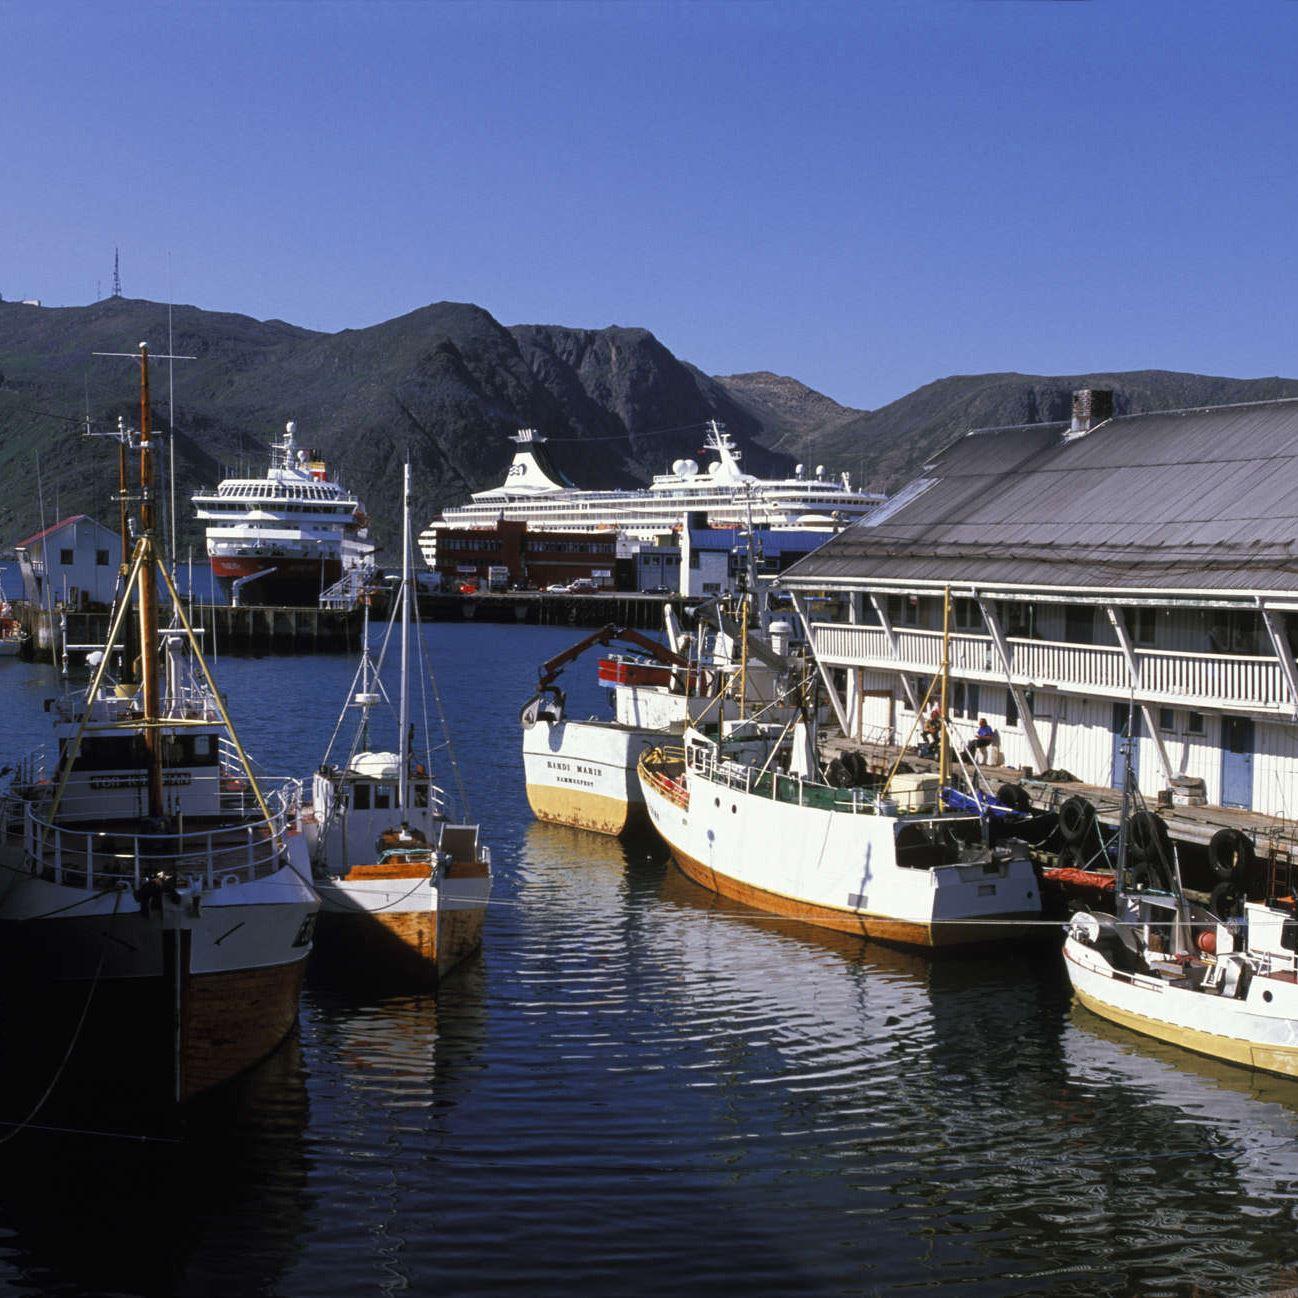 The North Cape Tour